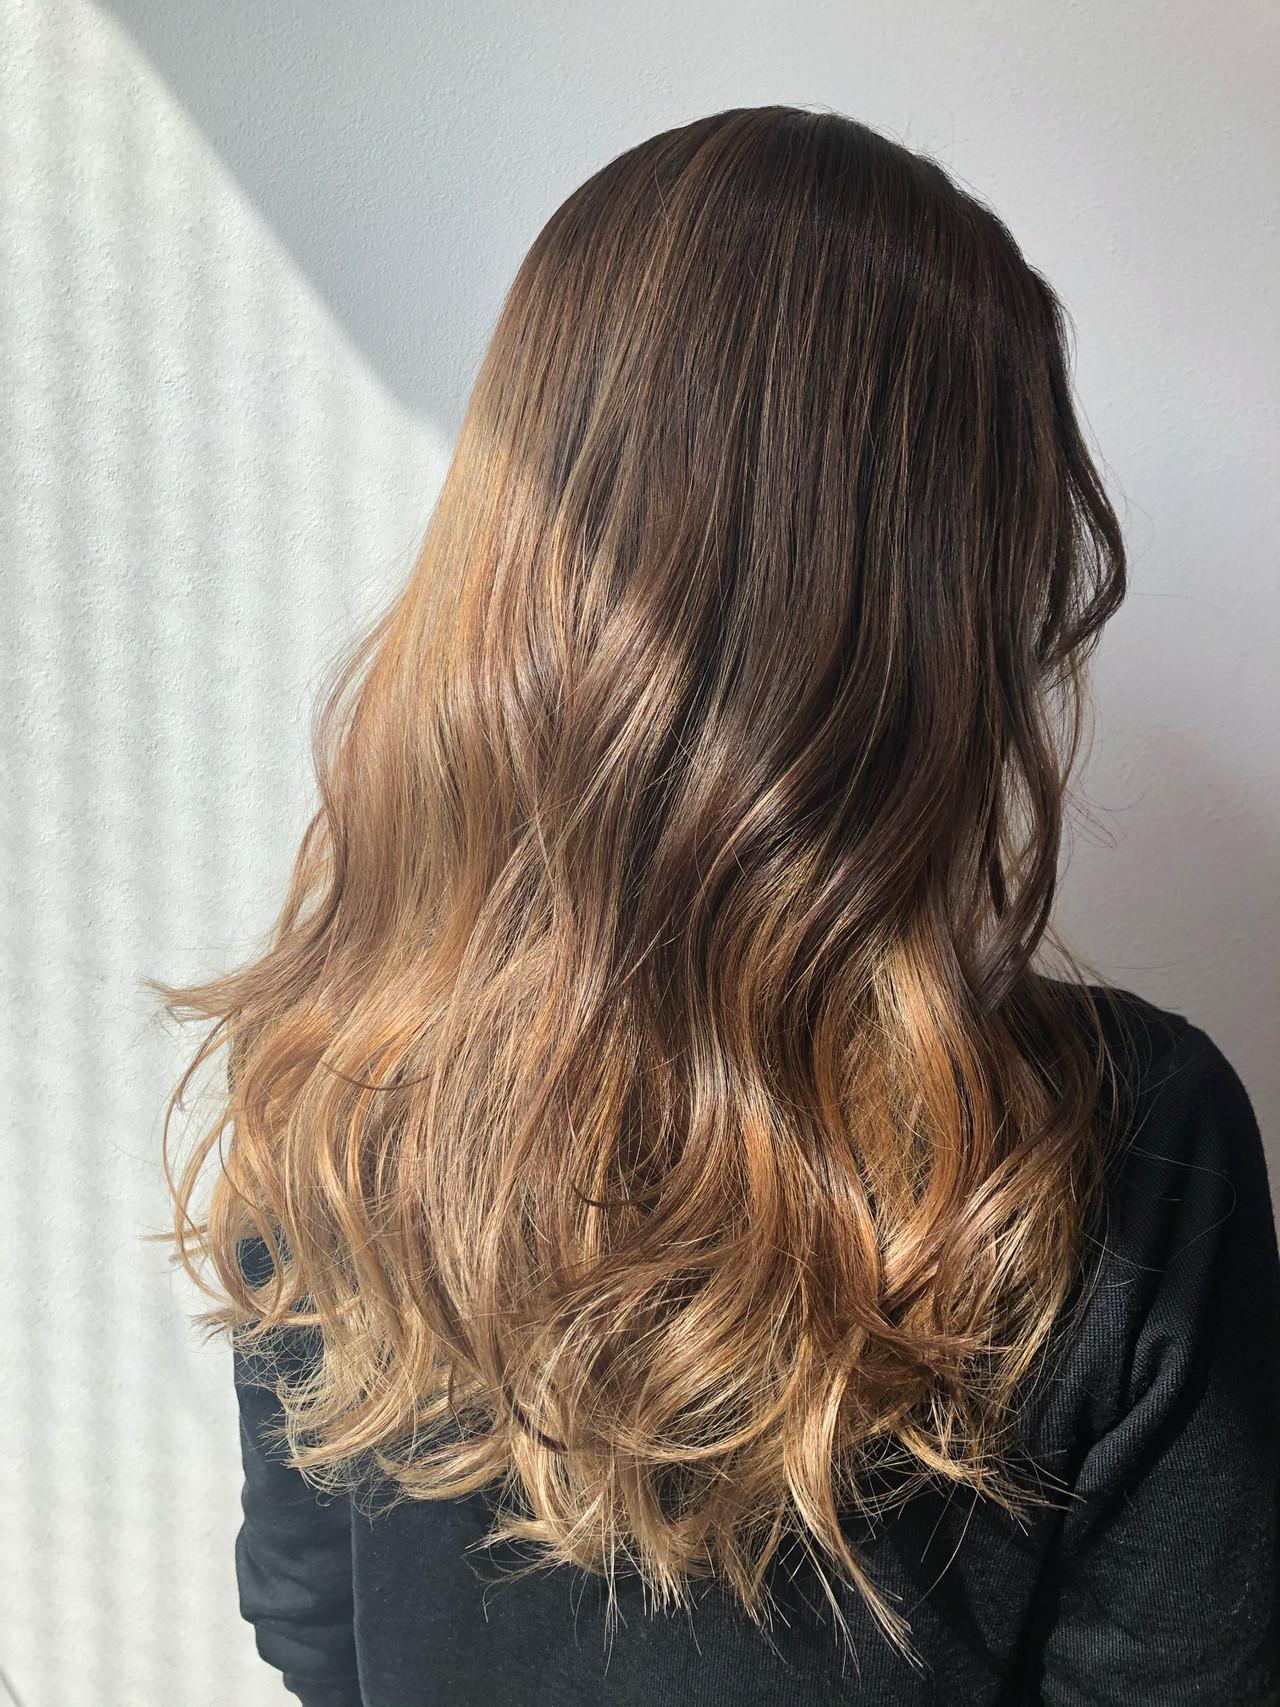 エレガント ロング オレンジベージュ 外国人風カラー ヘアスタイルや髪型の写真・画像